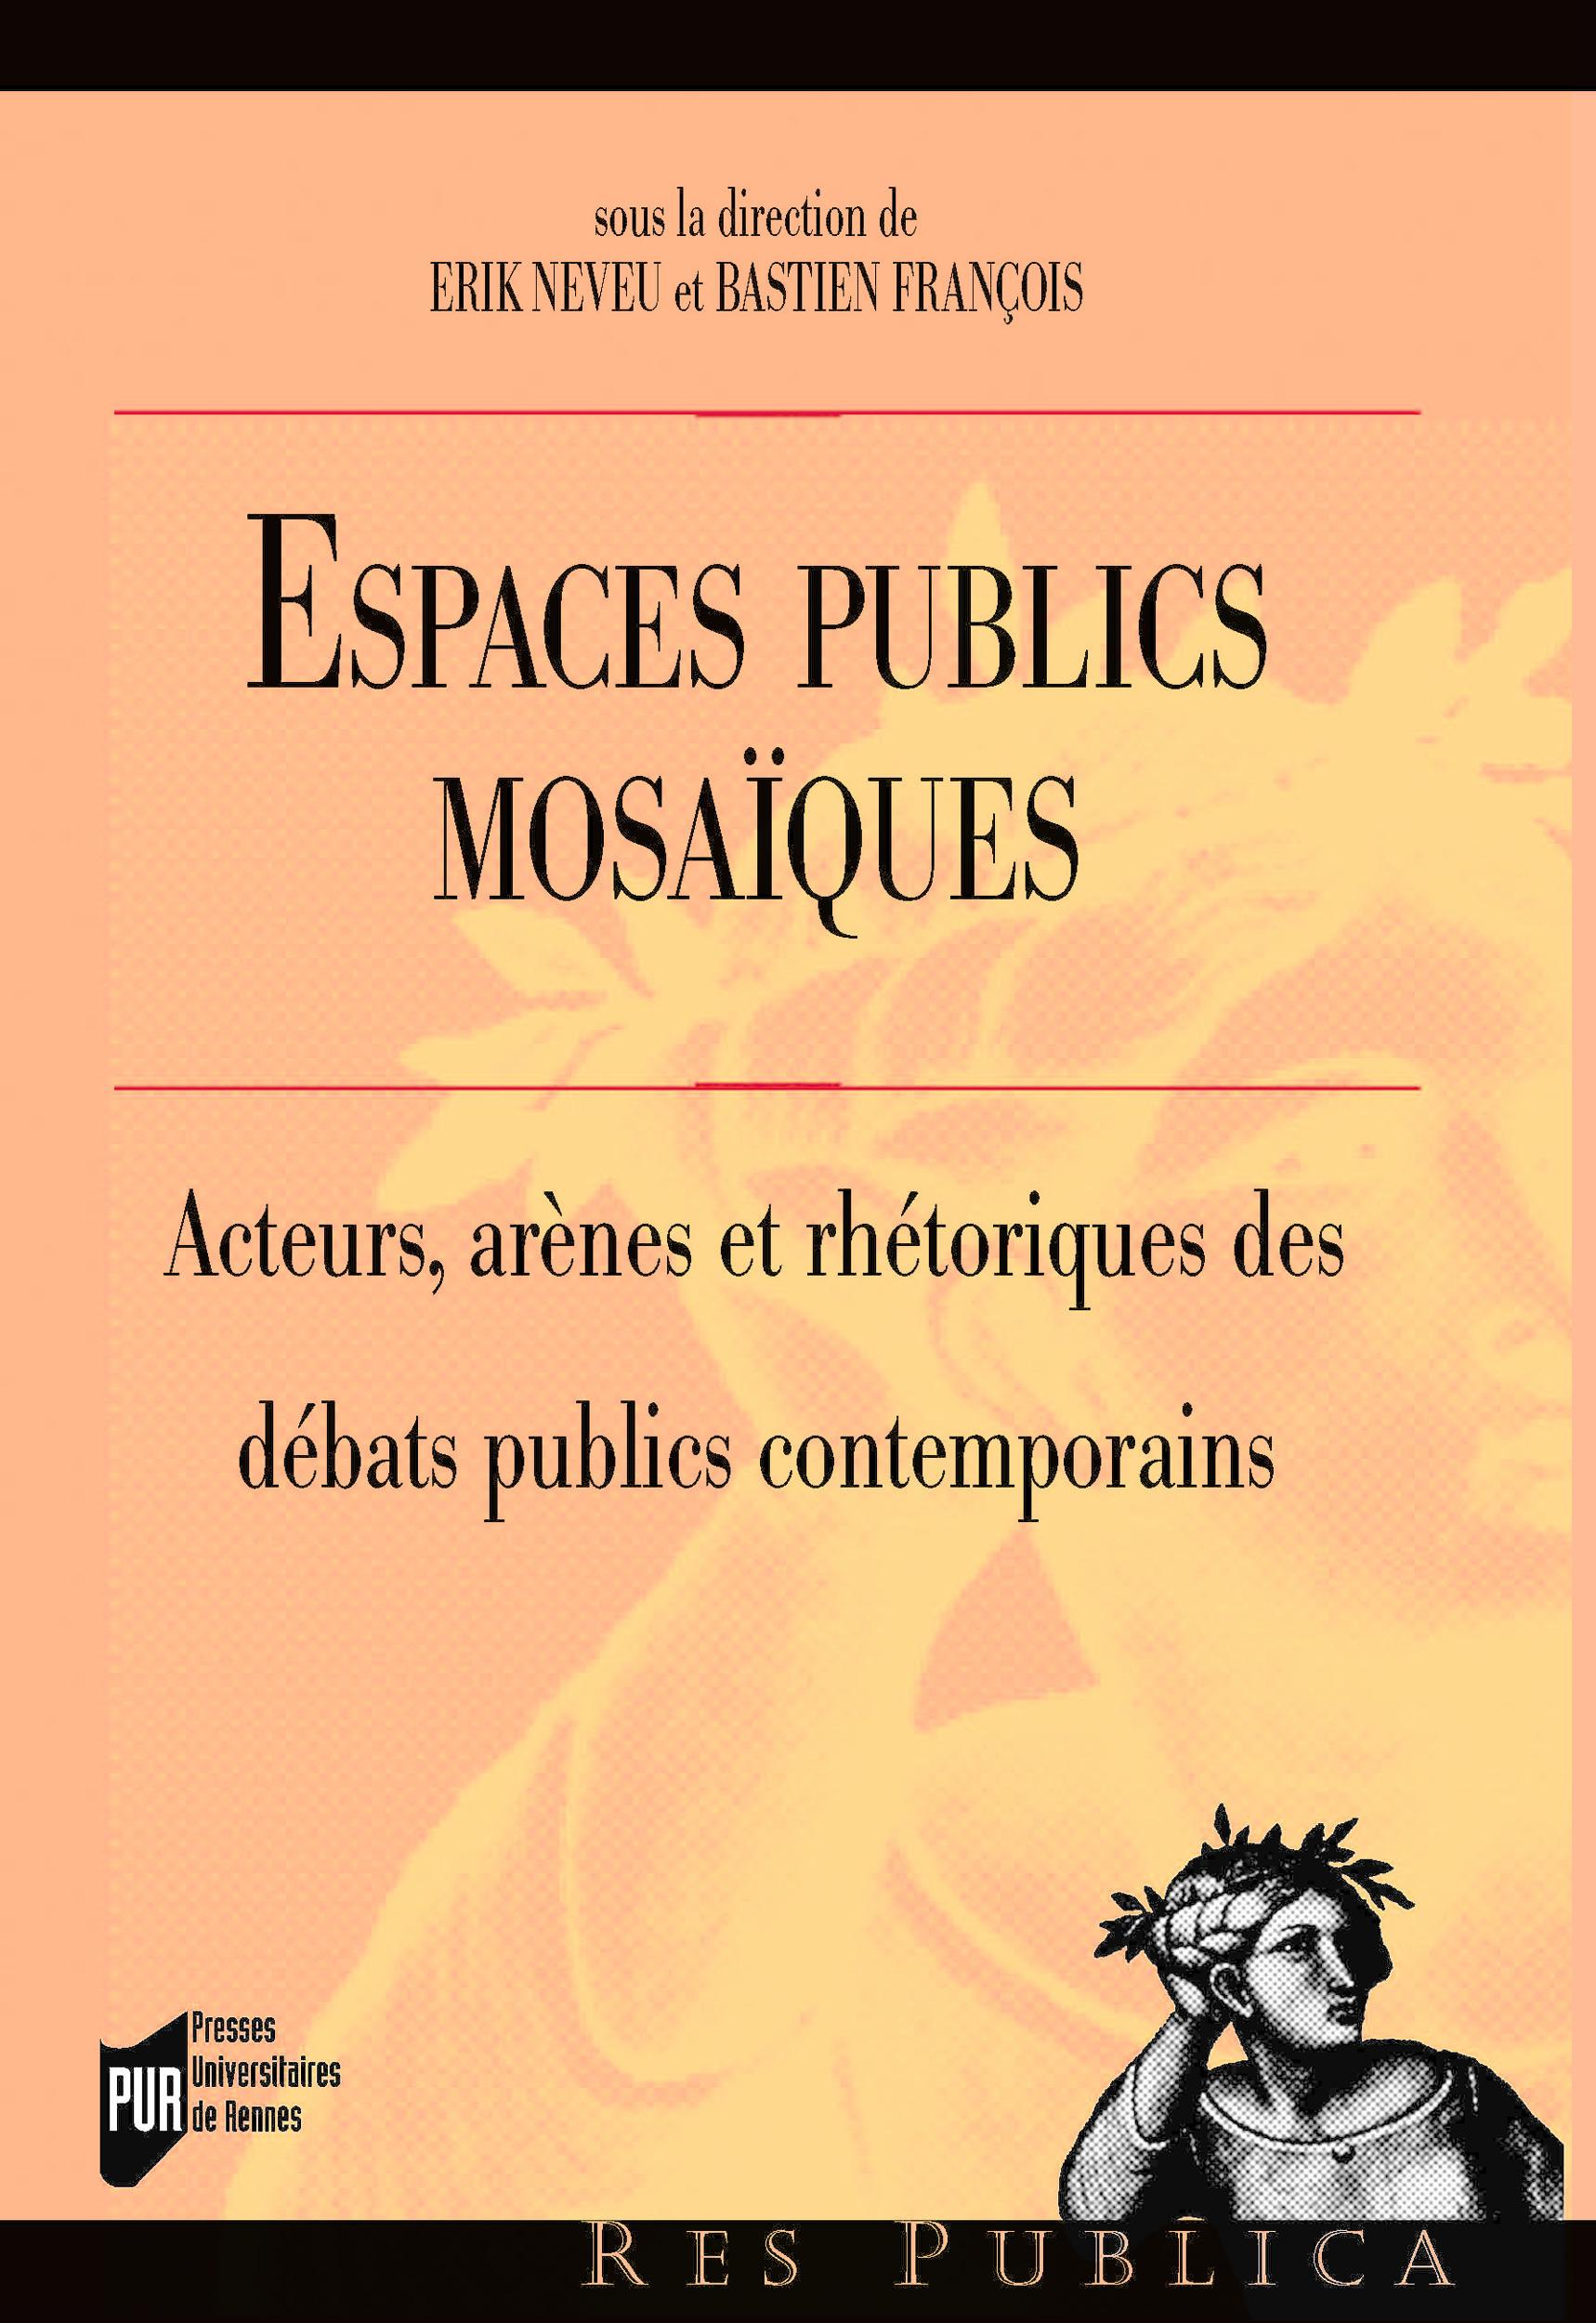 Espaces publics mosaiques